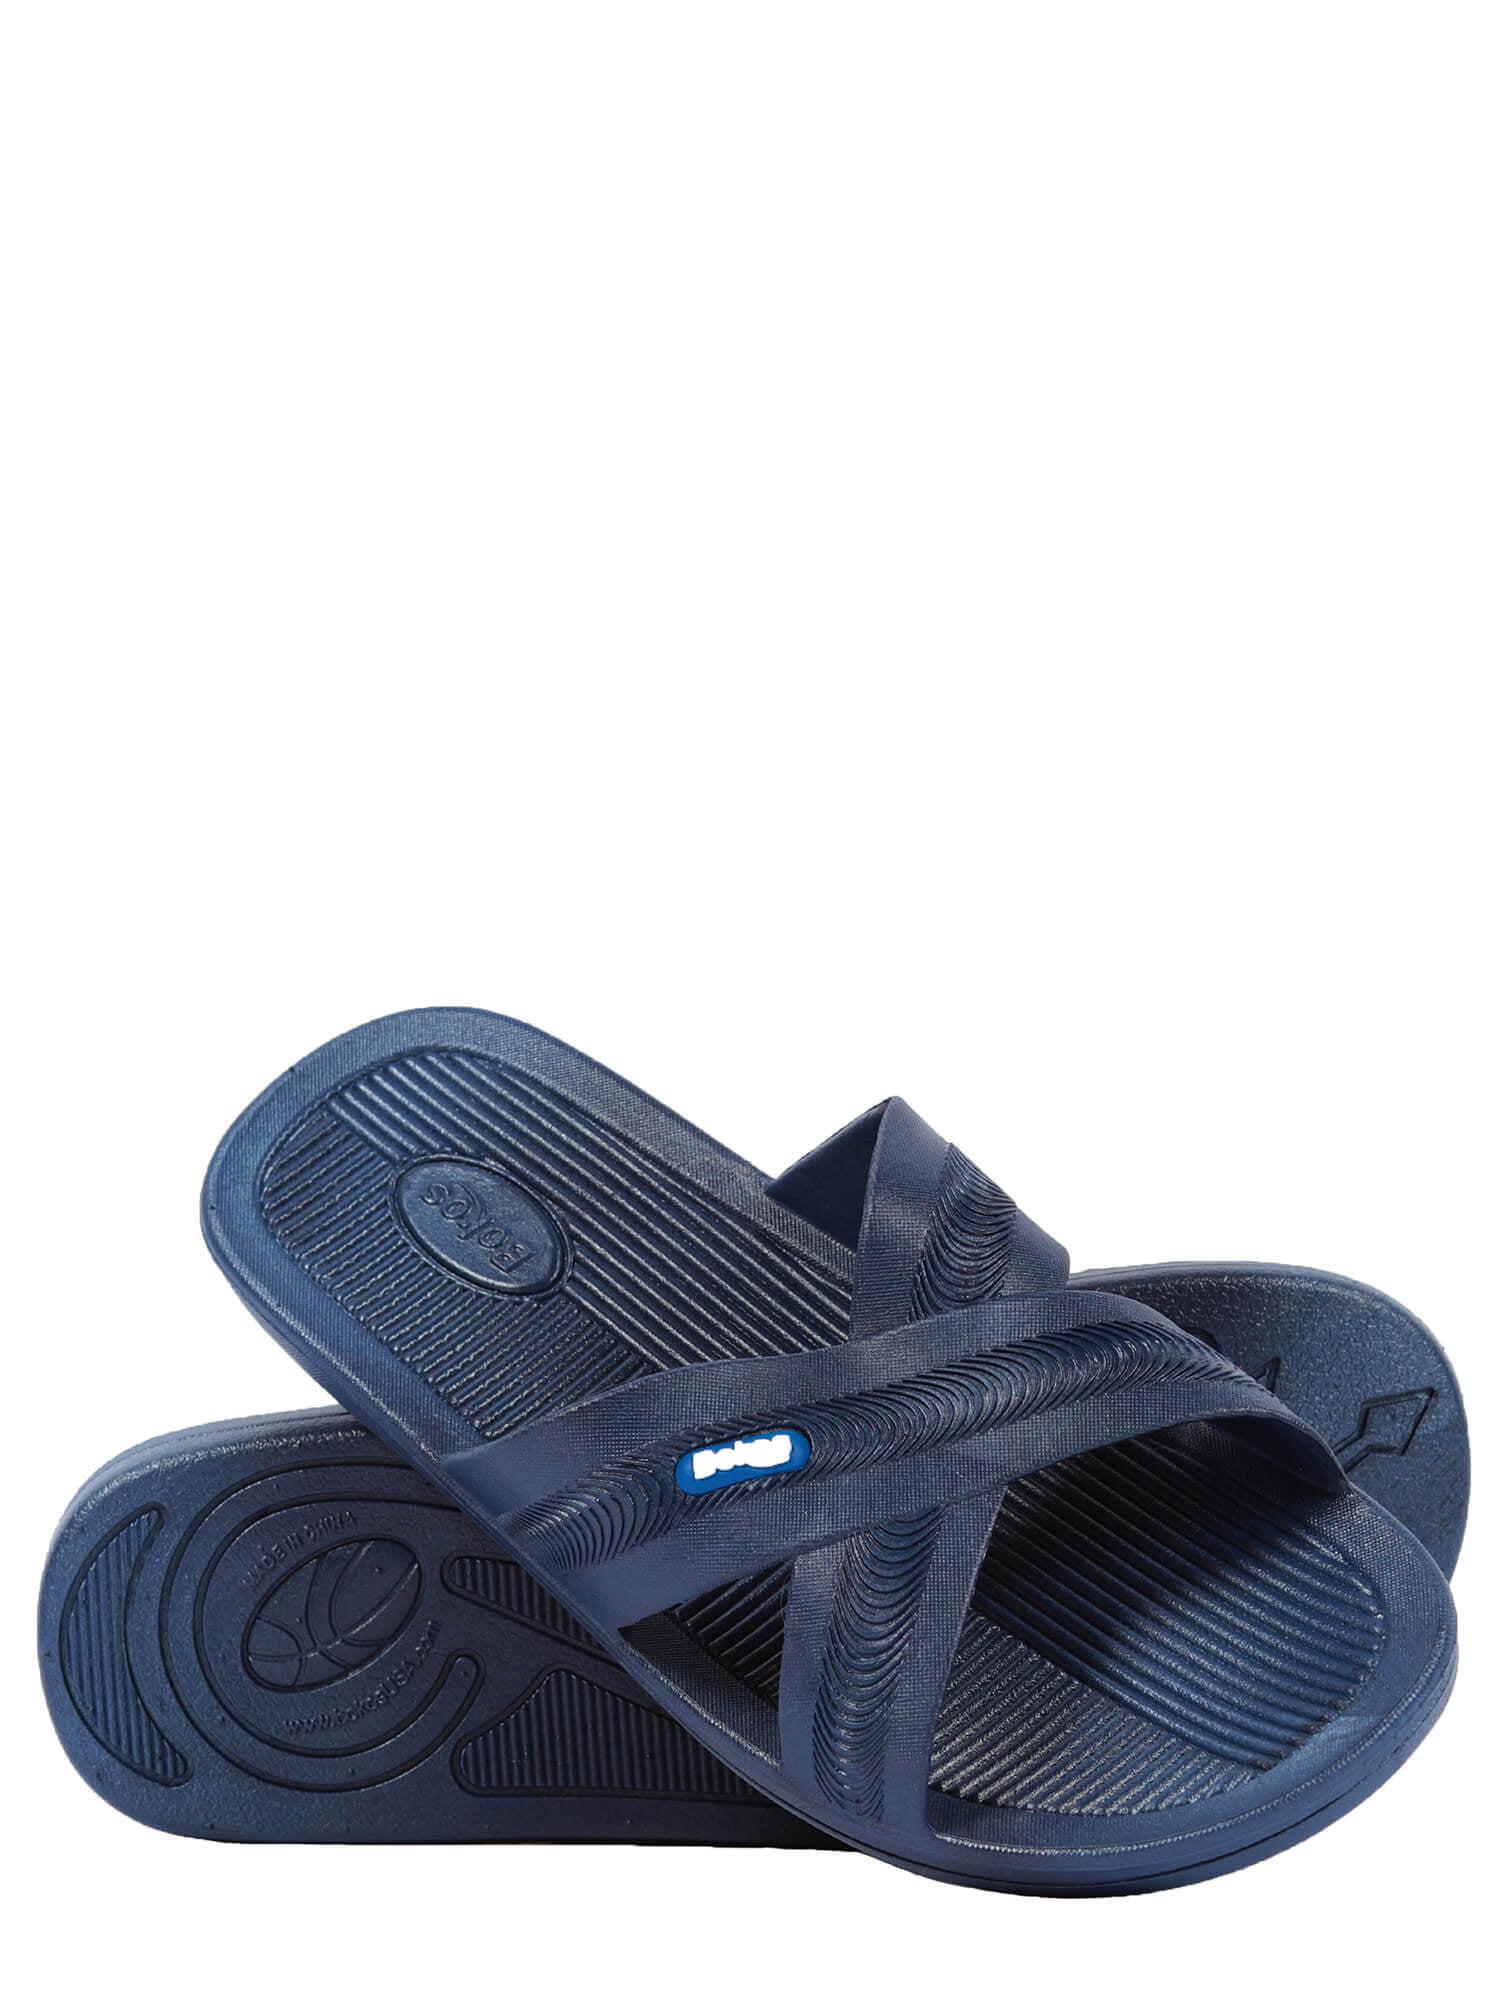 Bokos - Bokos Men's Sandals/Flip Flops